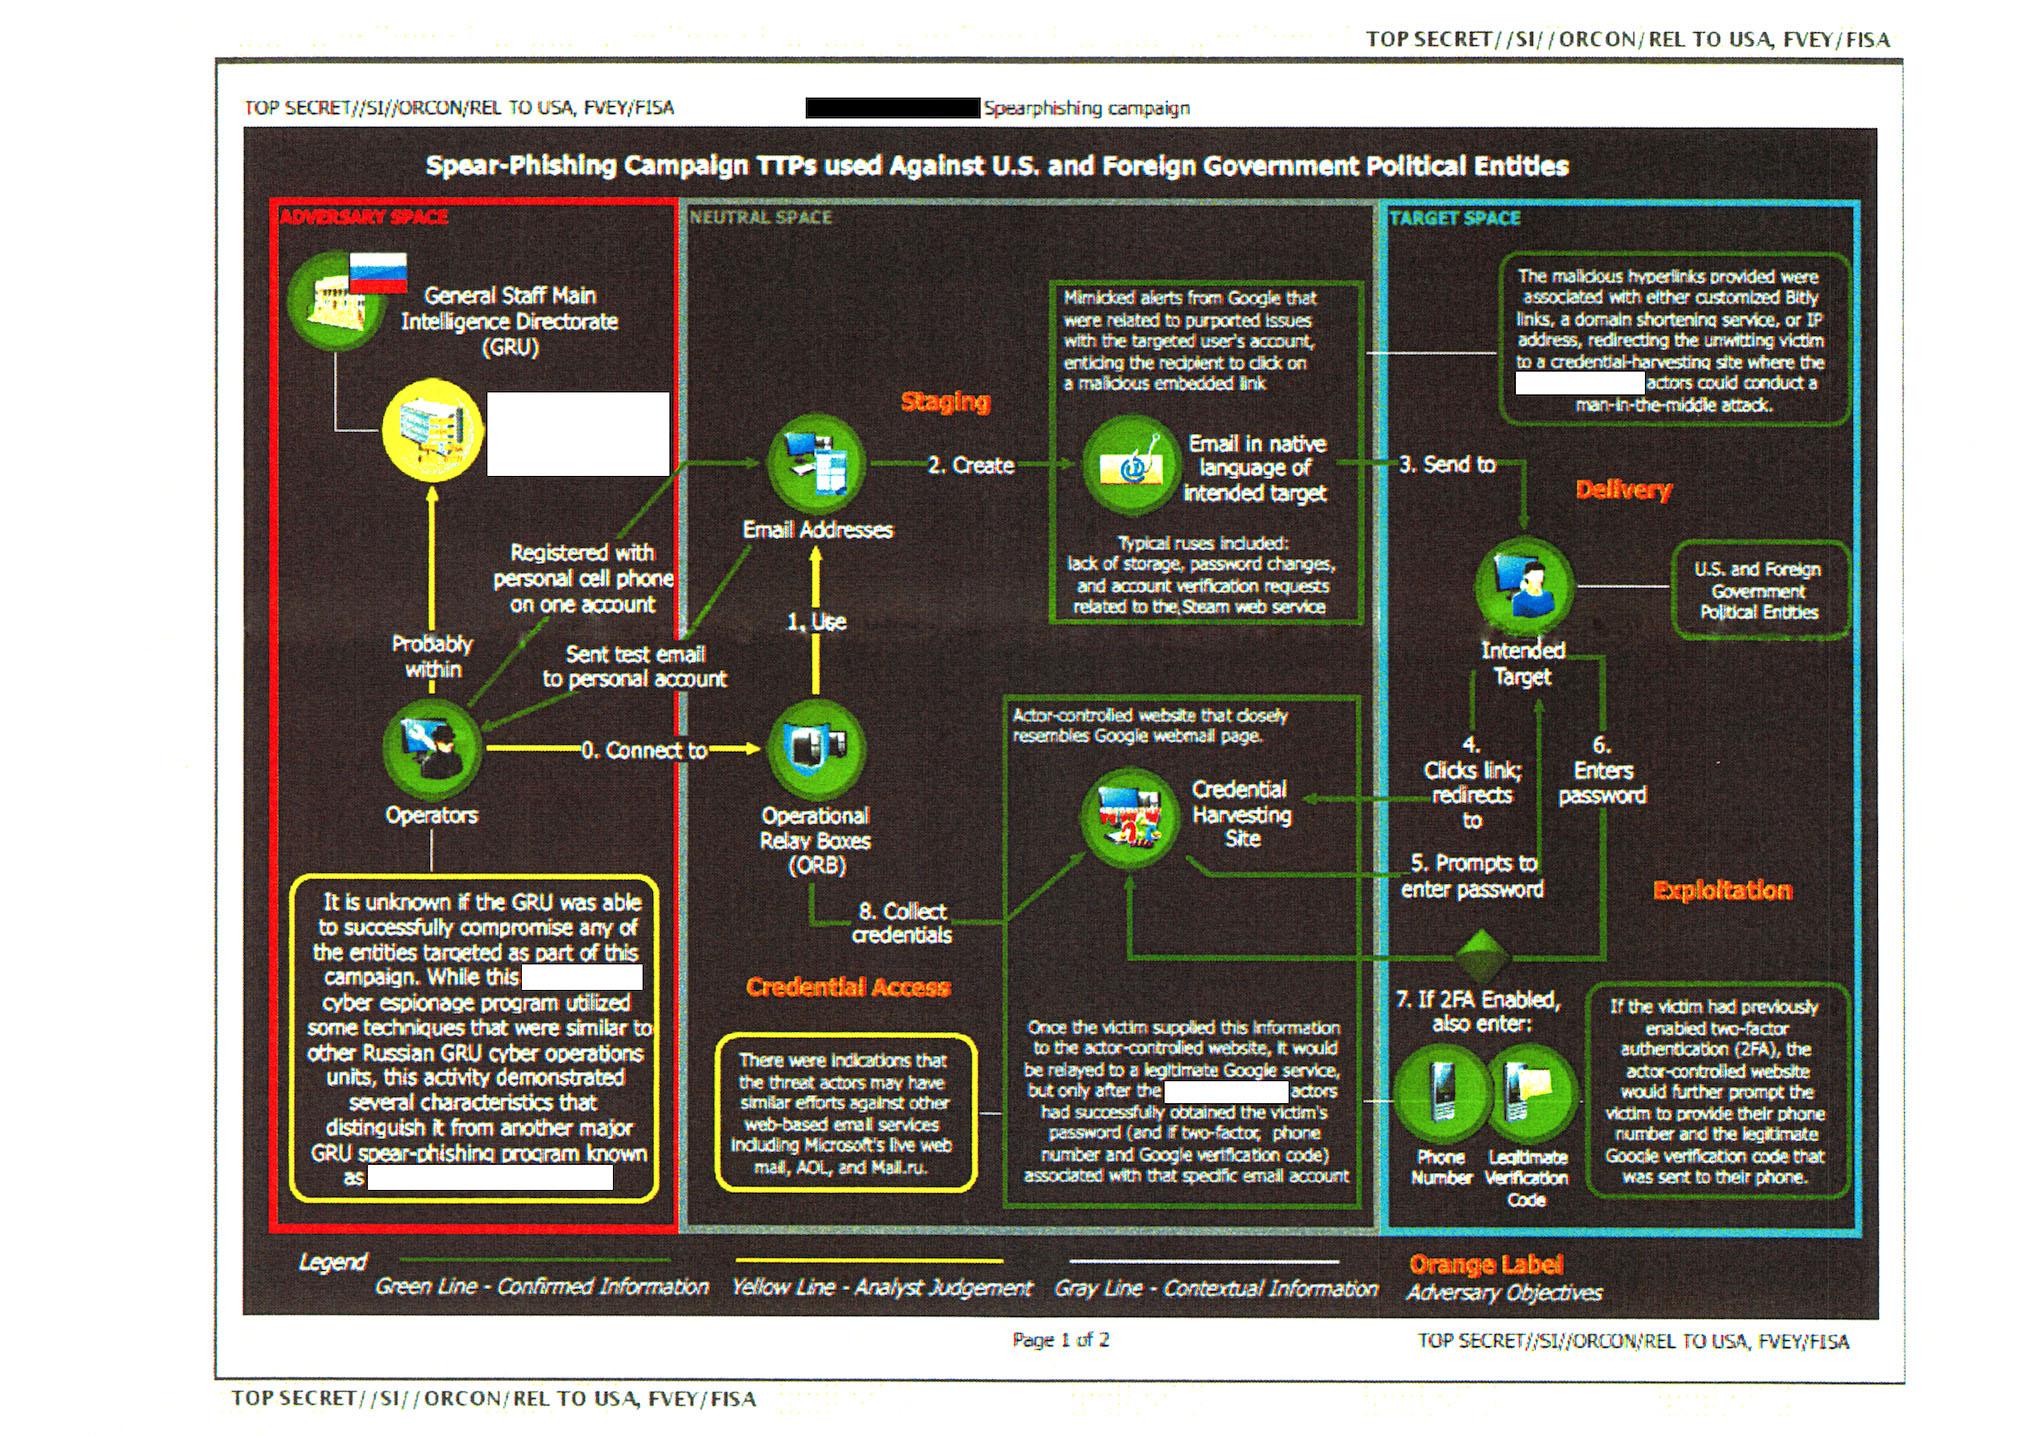 gru-chart-russia-hacking-election-1496684832